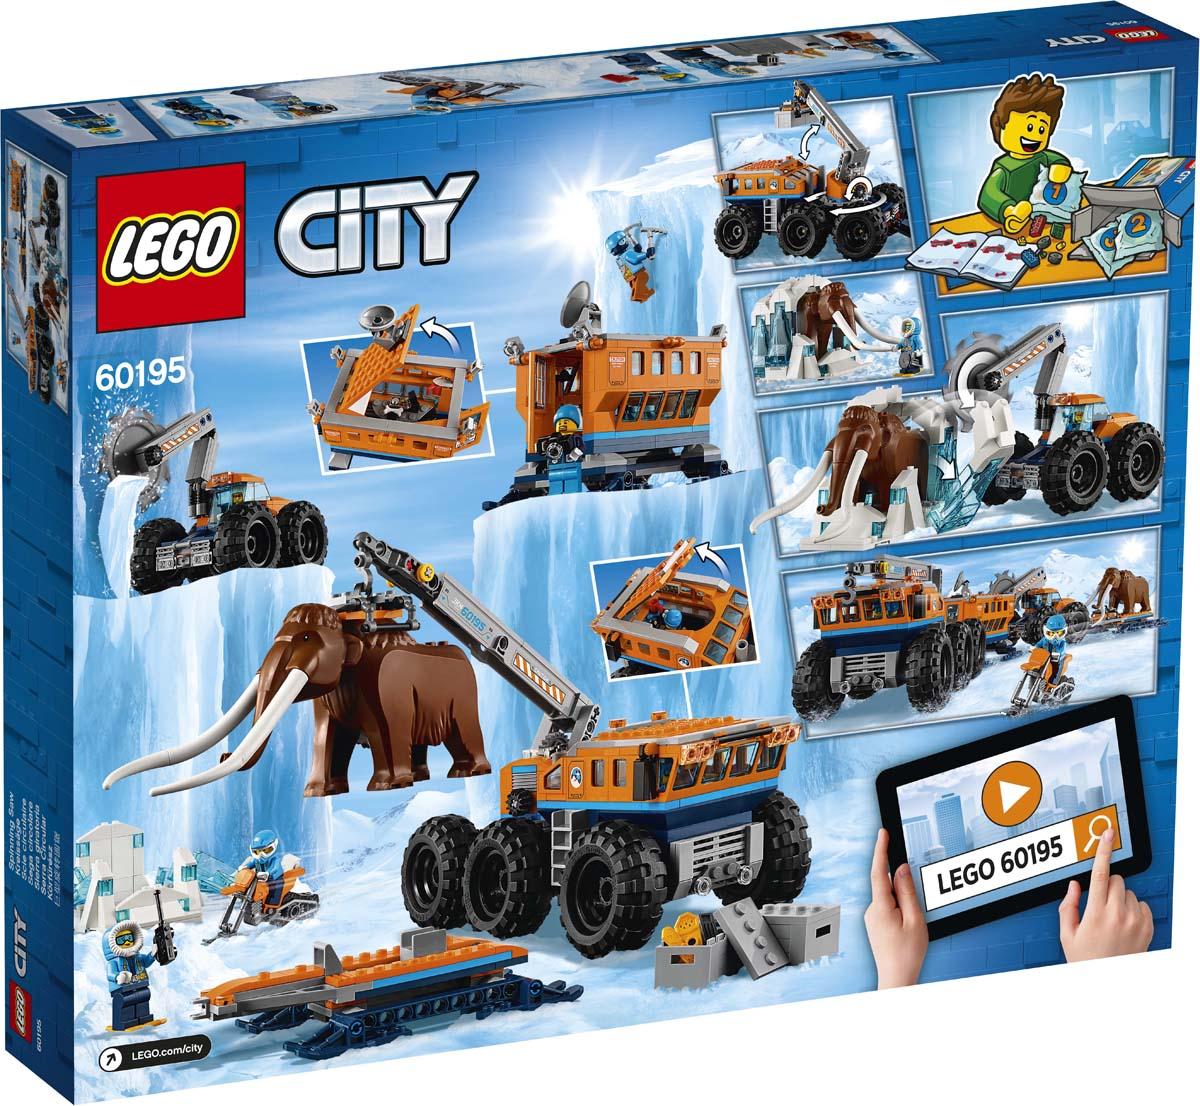 LEGO City Arctic Expedition Конструктор Передвижная арктическая база 60195 lego конструктор lego city arctic expedition 60195 передвижная арктическая база